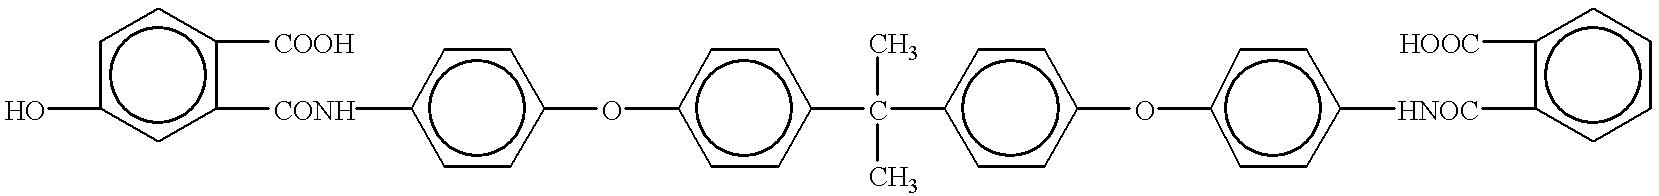 Figure US06180560-20010130-C00609